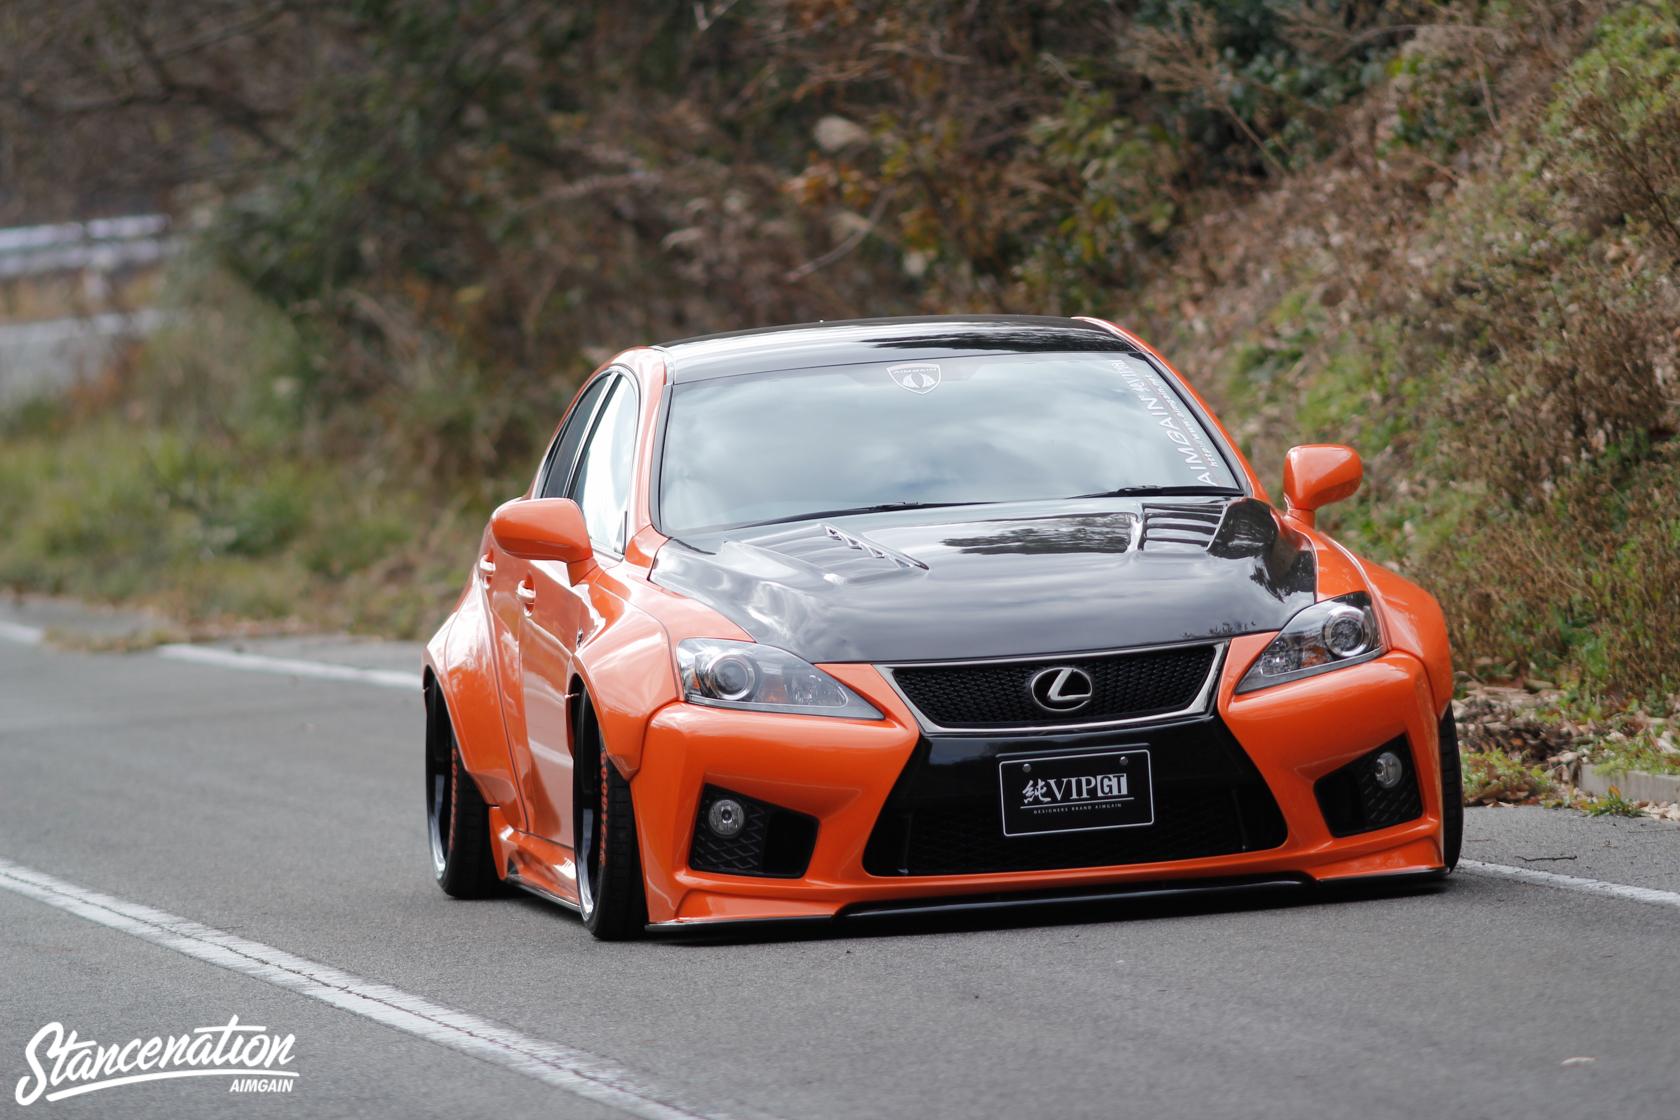 [Image: Aimgain-Widebody-Lexus-ISF-28.jpg]